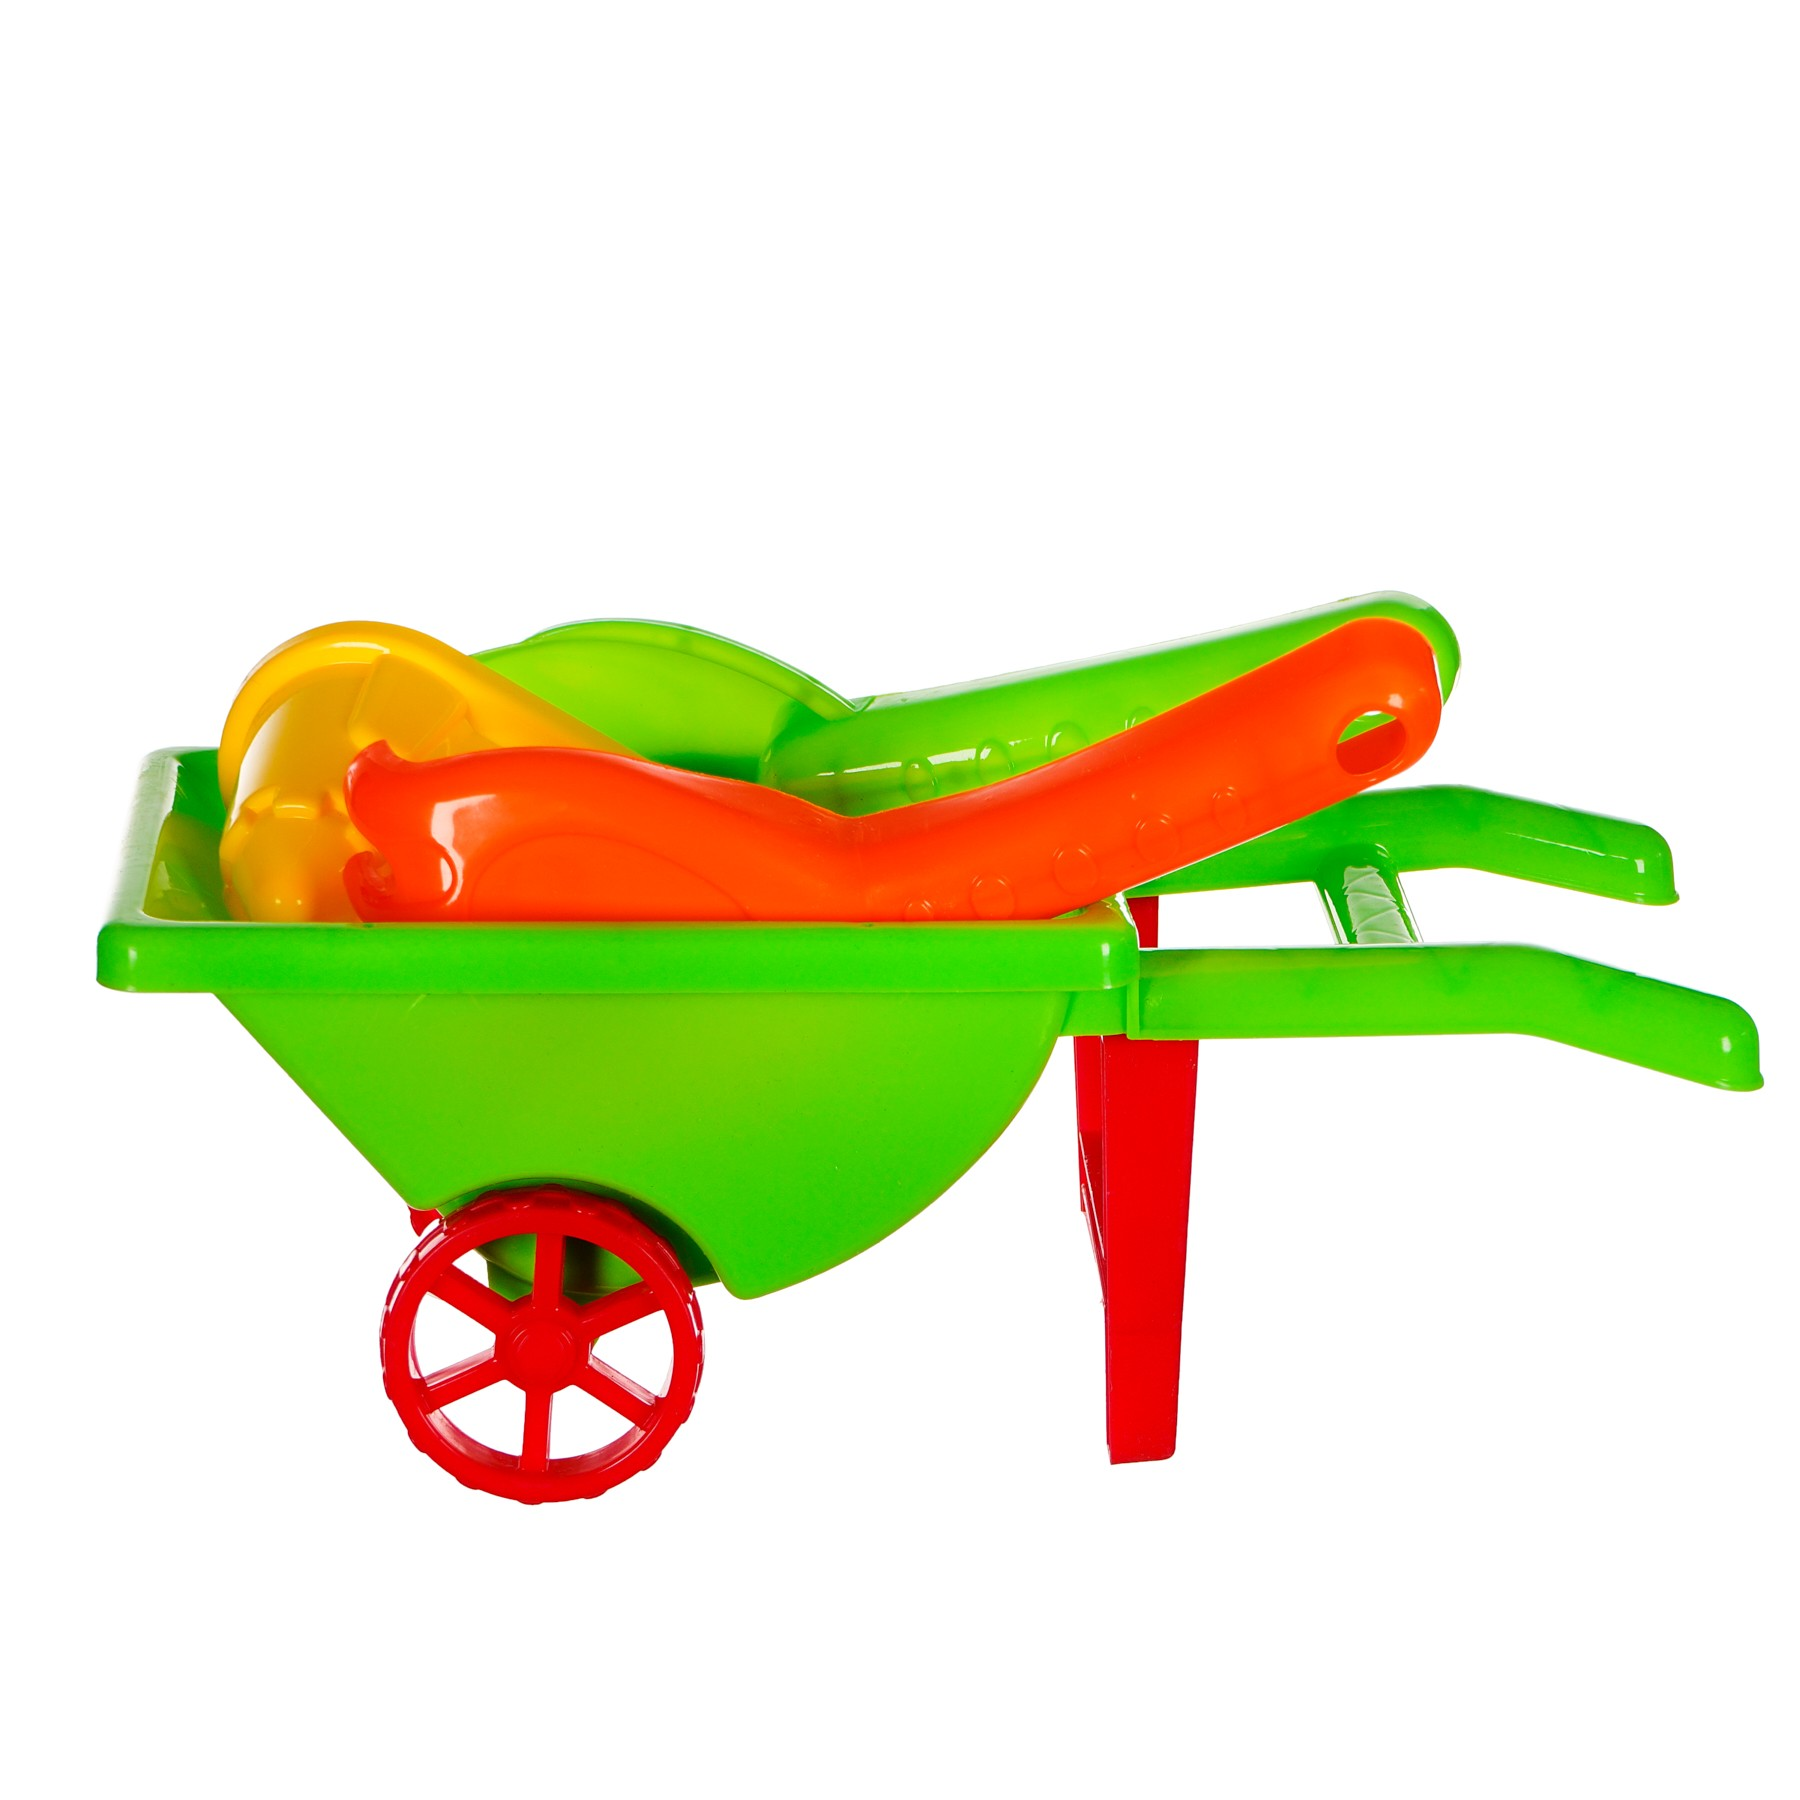 Комплект за пясък - количка, 4 части